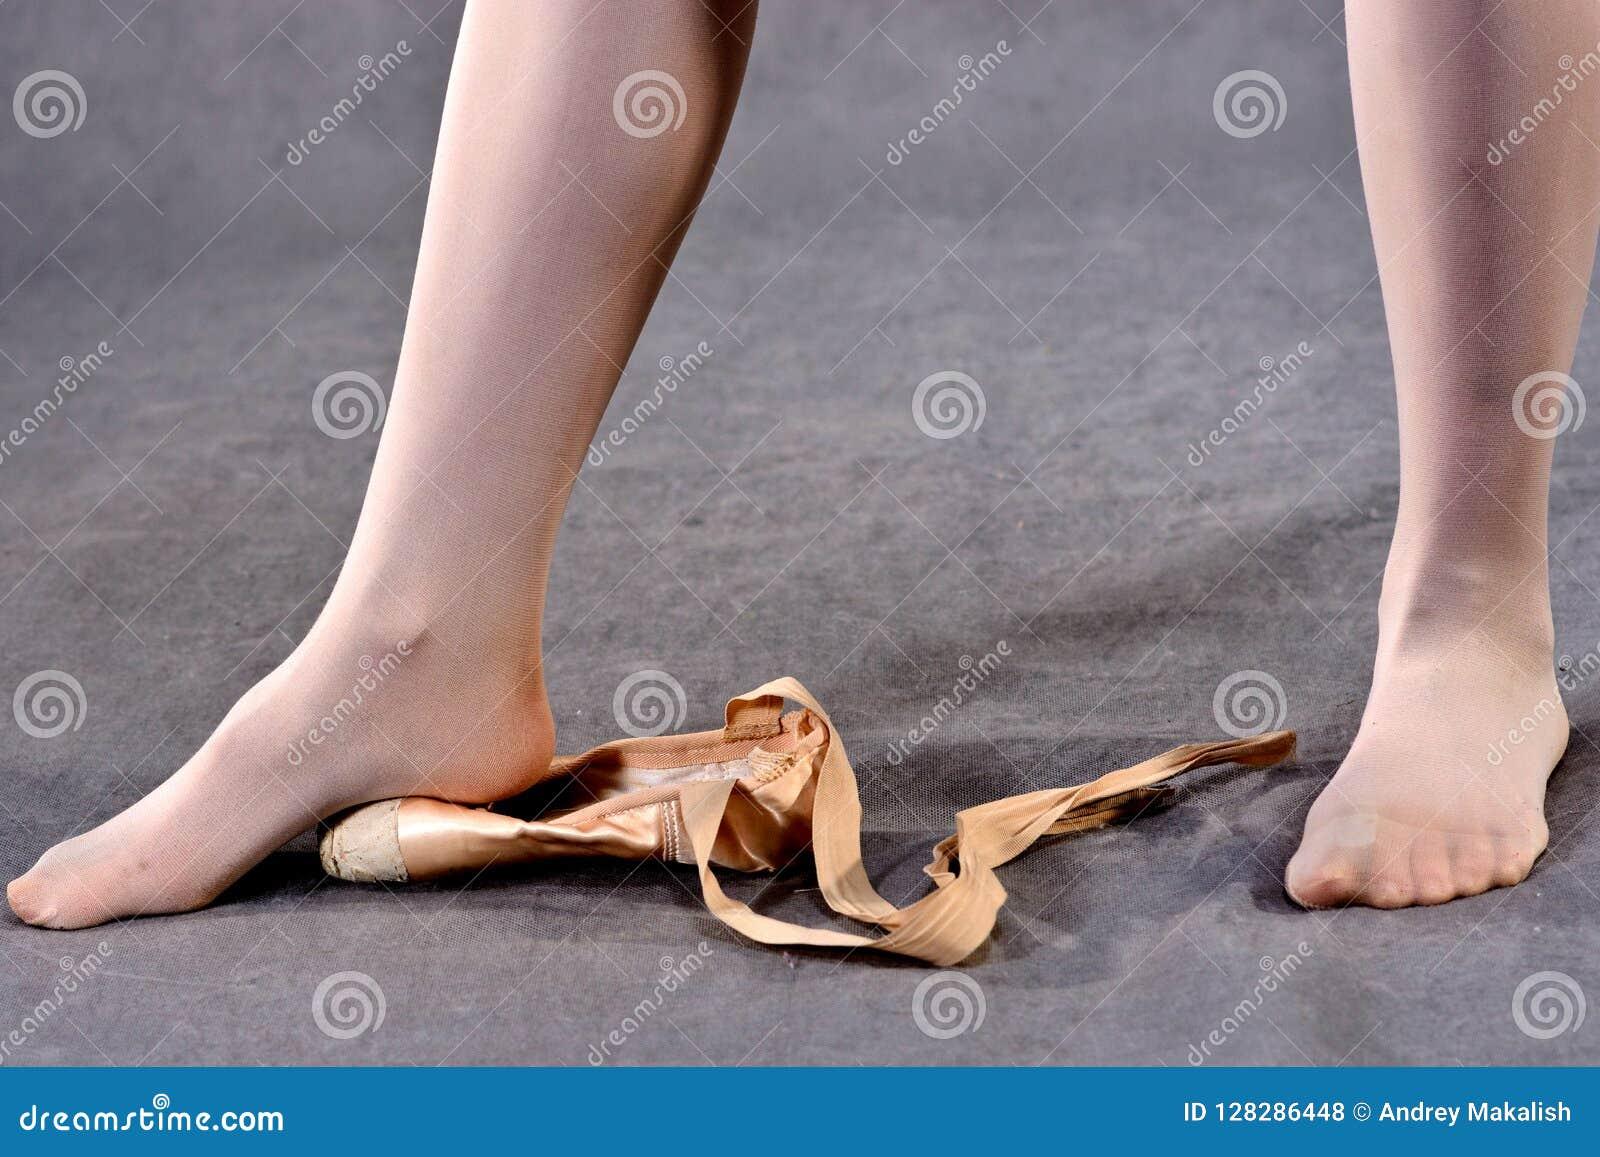 Étirage des pieds dans des chaussures de Pointe